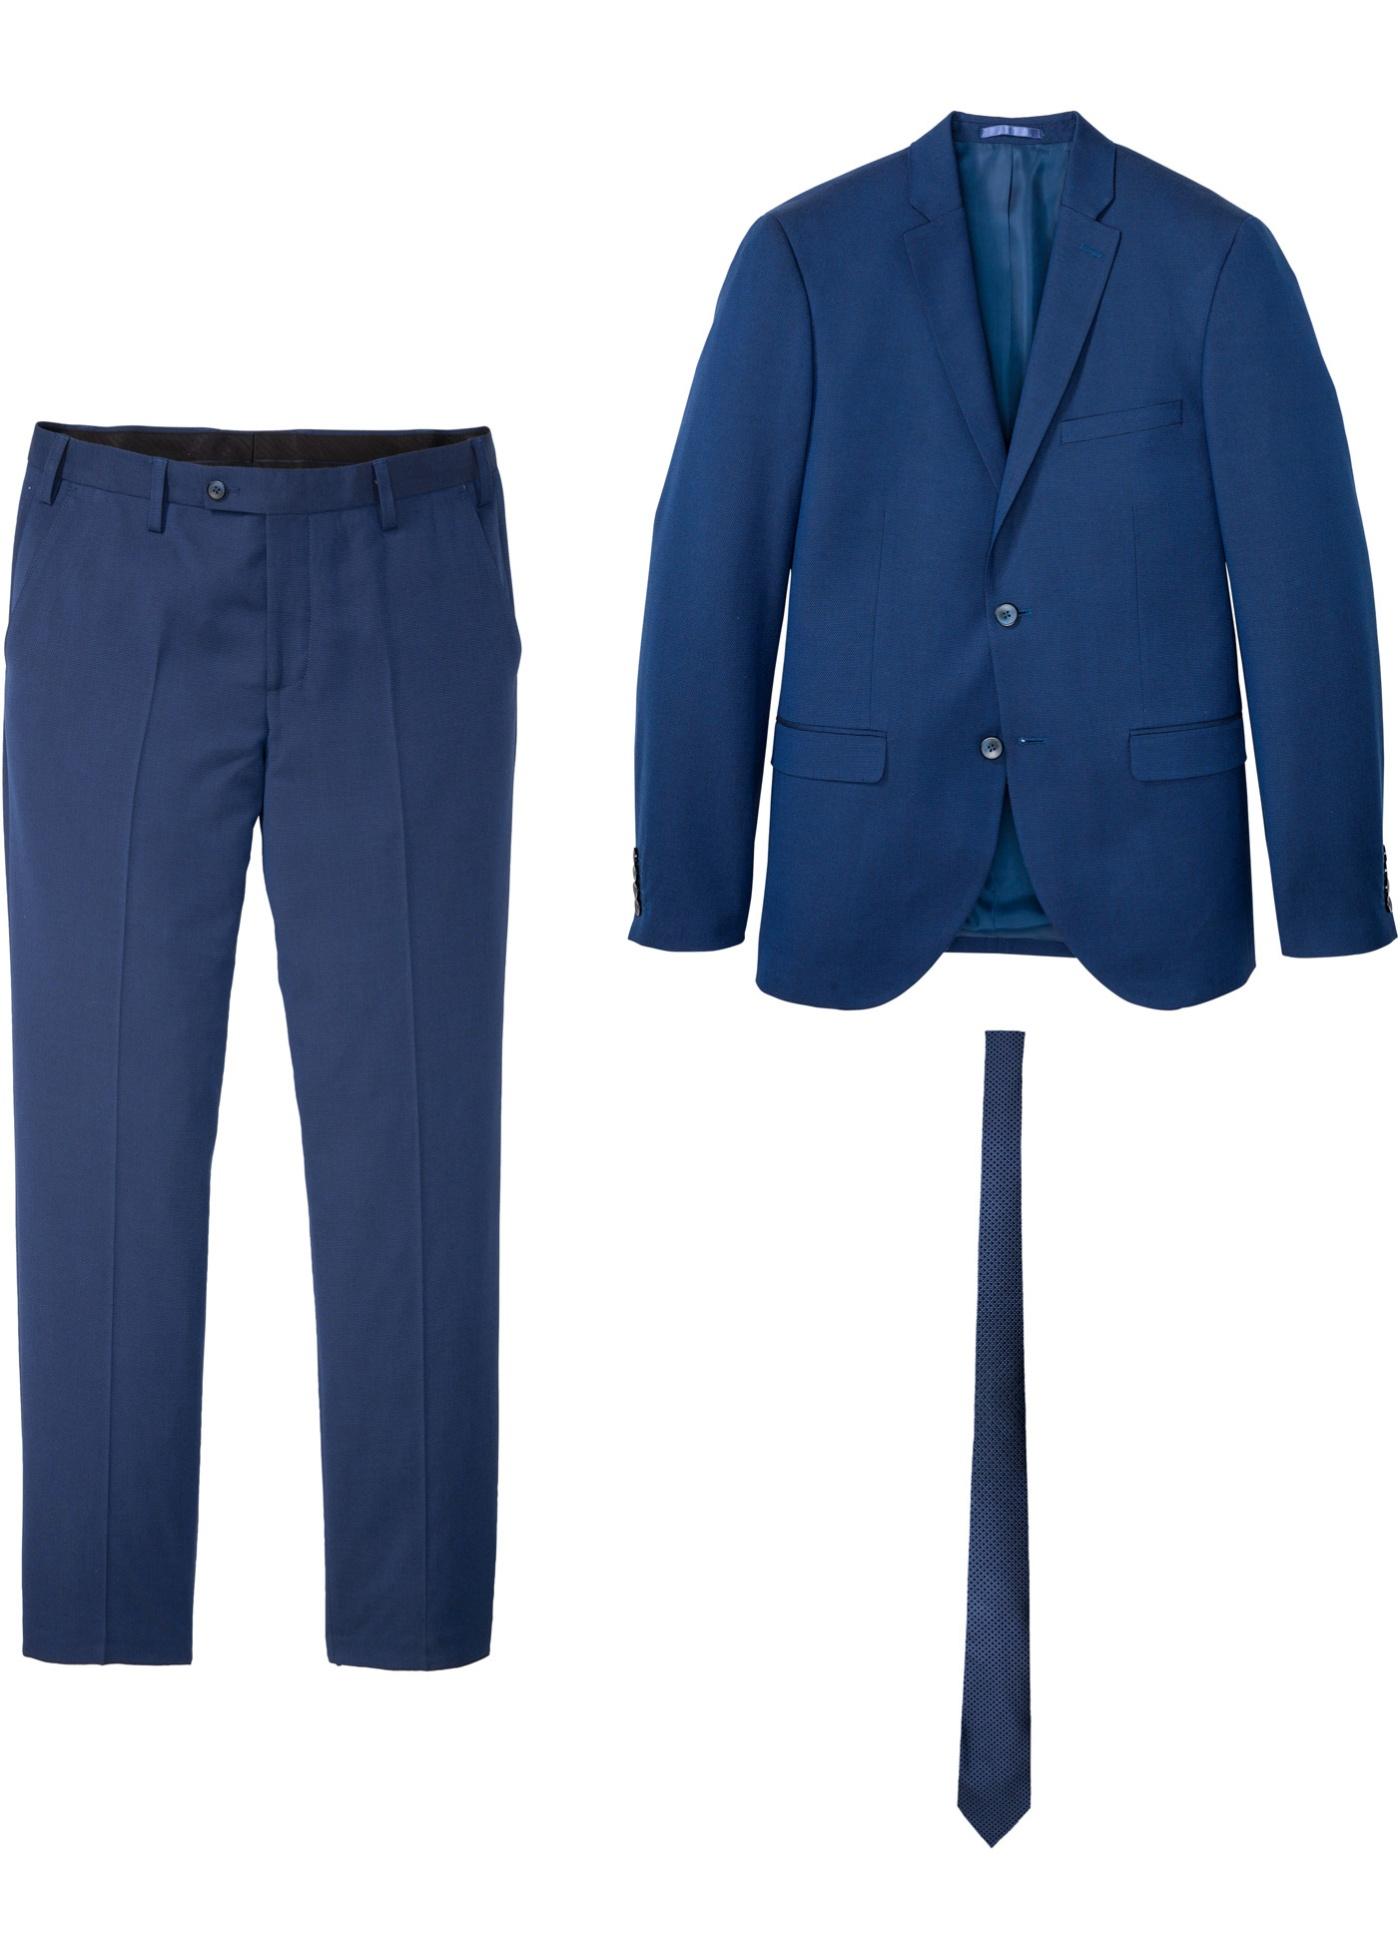 Image of Anzug (3-tlg.Set): Sakko, Hose, Krawatte Slim Fit